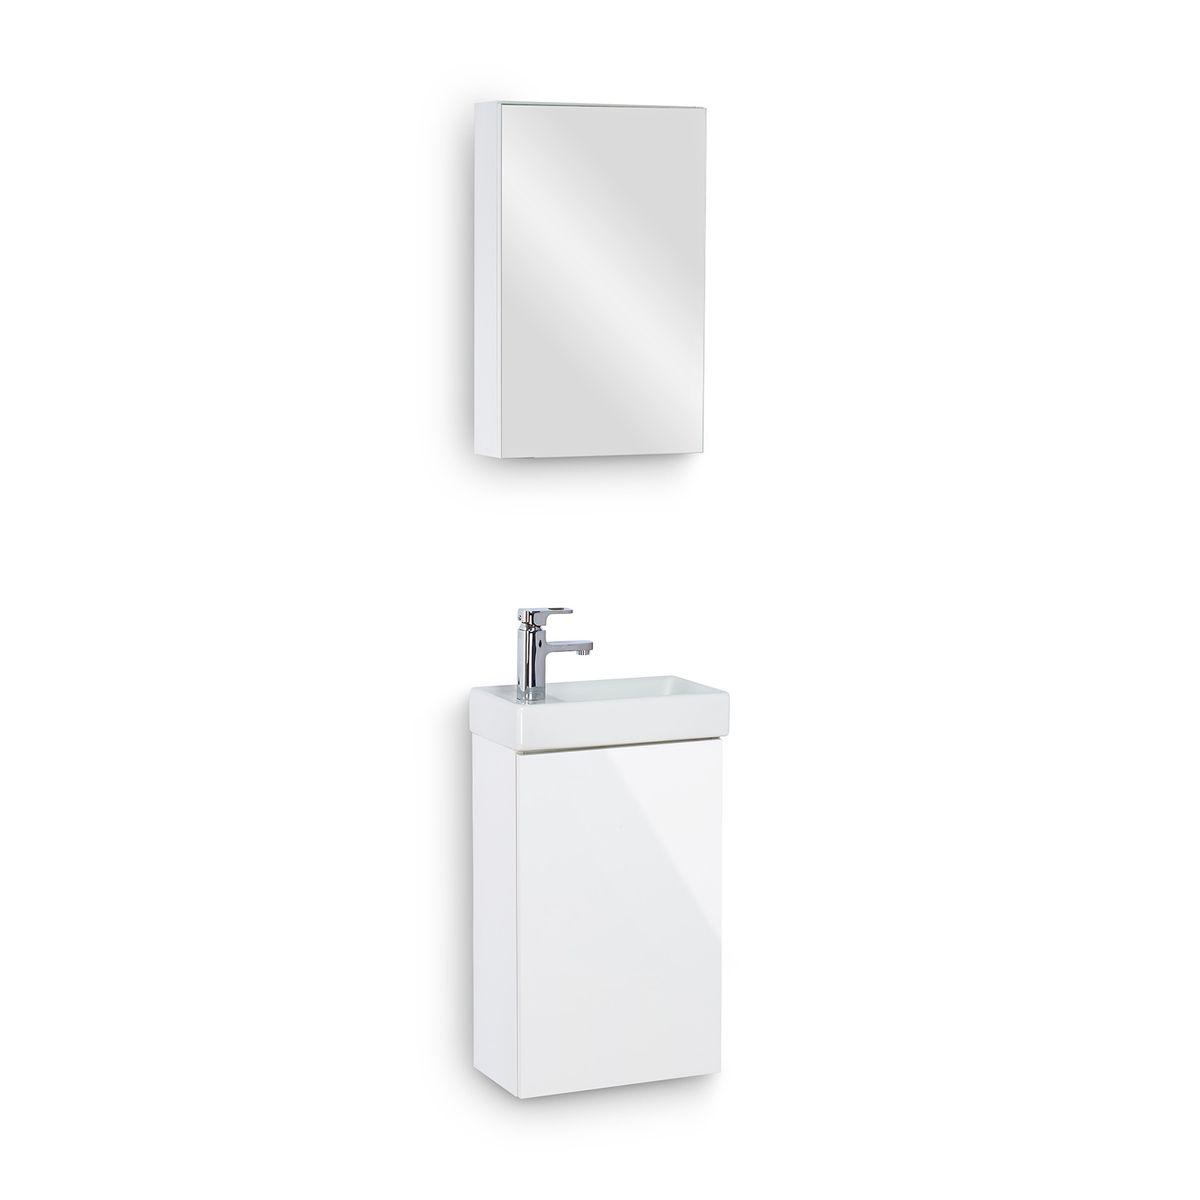 Galdem Bad-Set CUBE Weiß Hochglanz mit Spiegelschrank – Bild 2